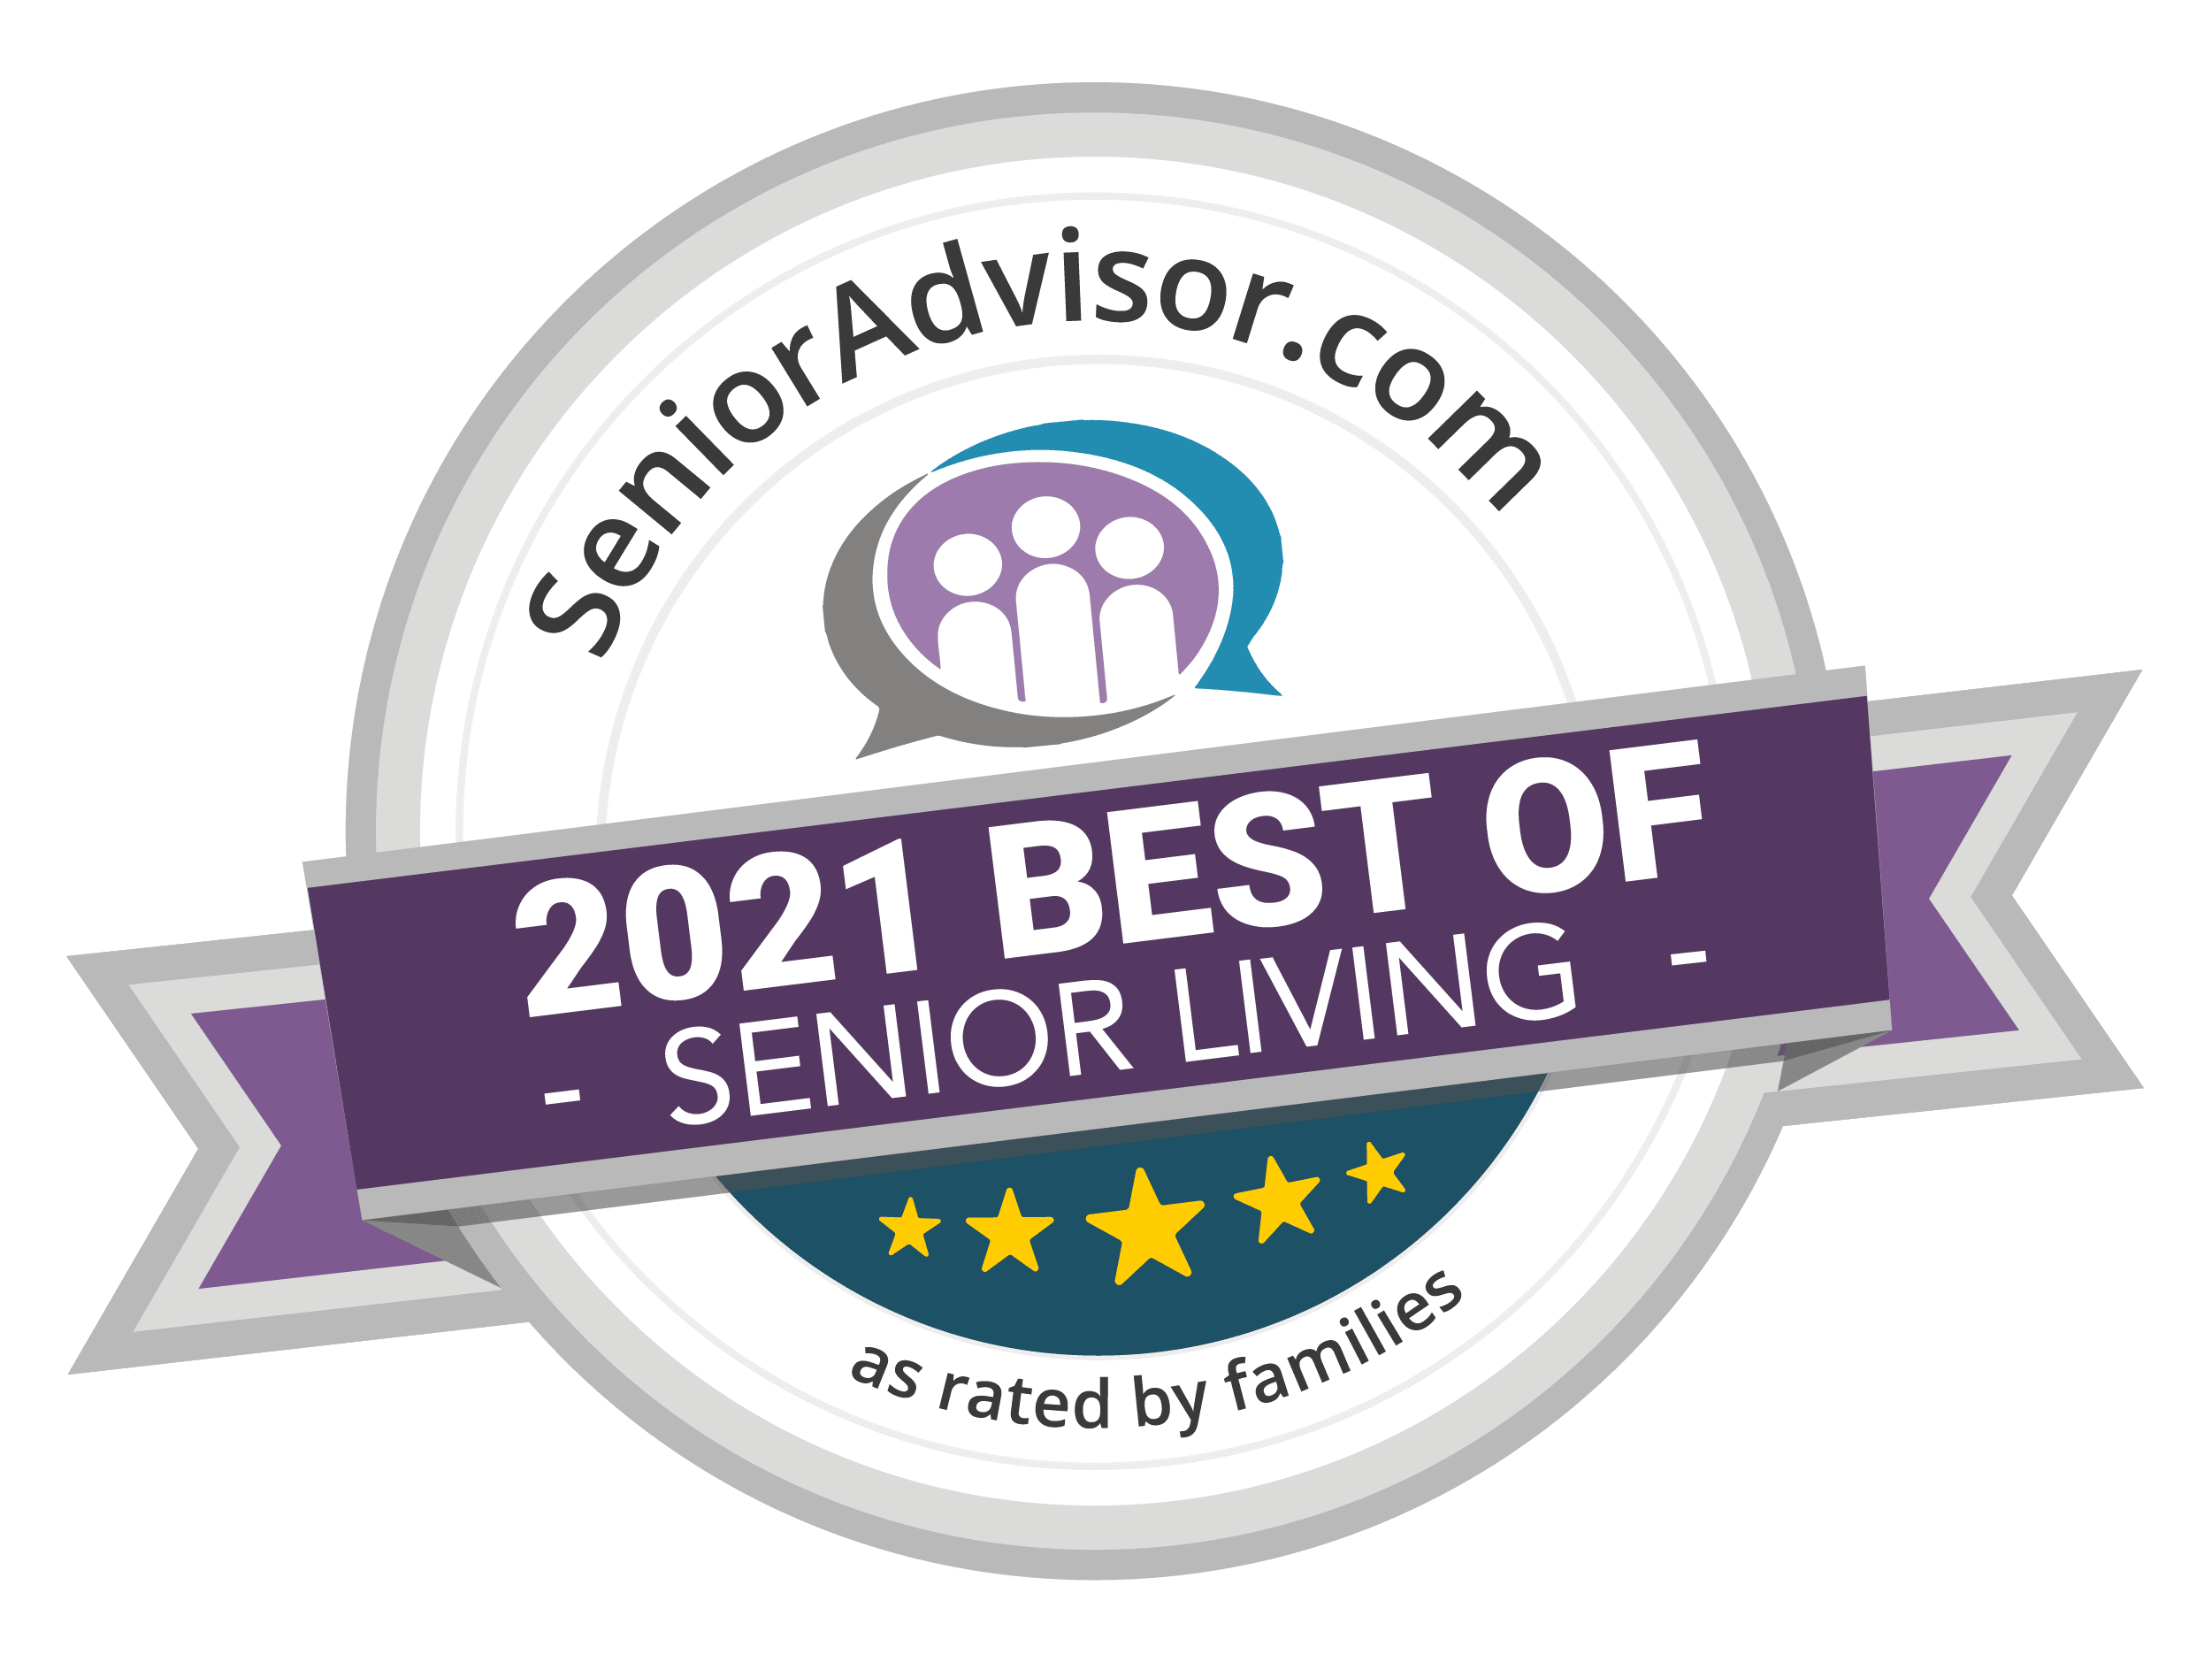 Senioradvisor.com best of 2021 senior living